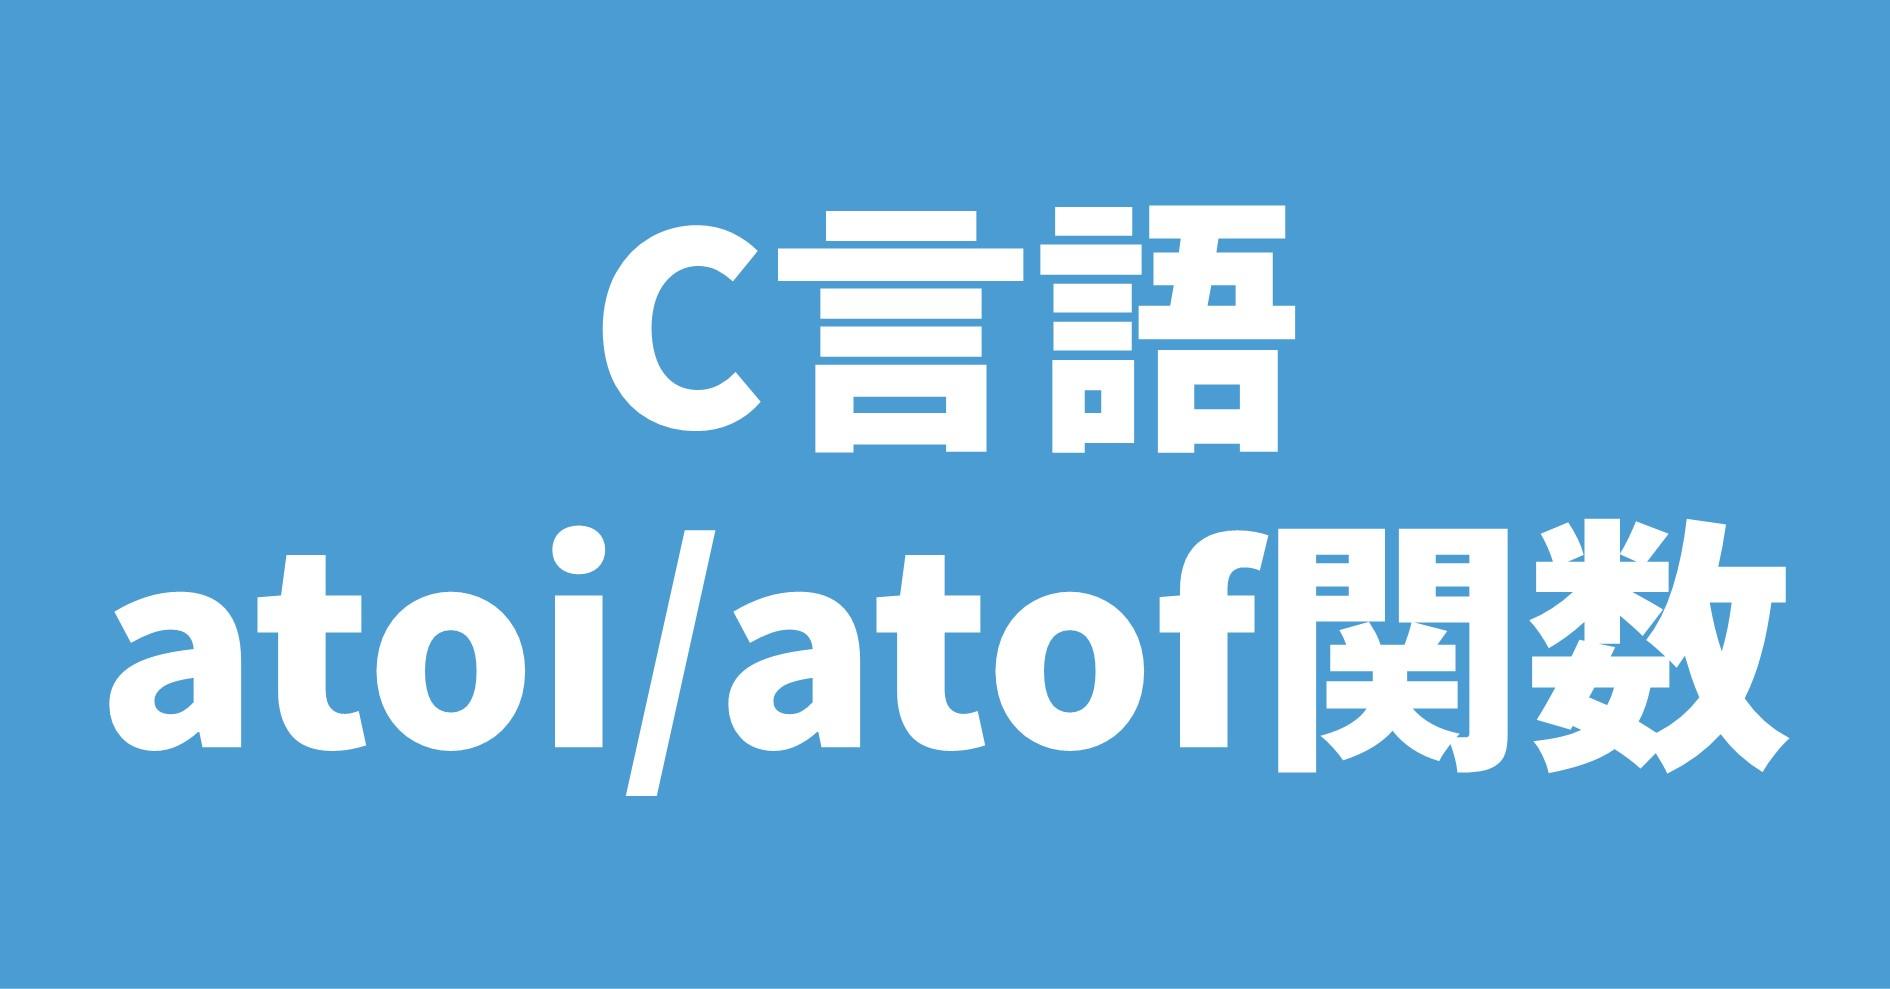 C言語 atoi/atof関数